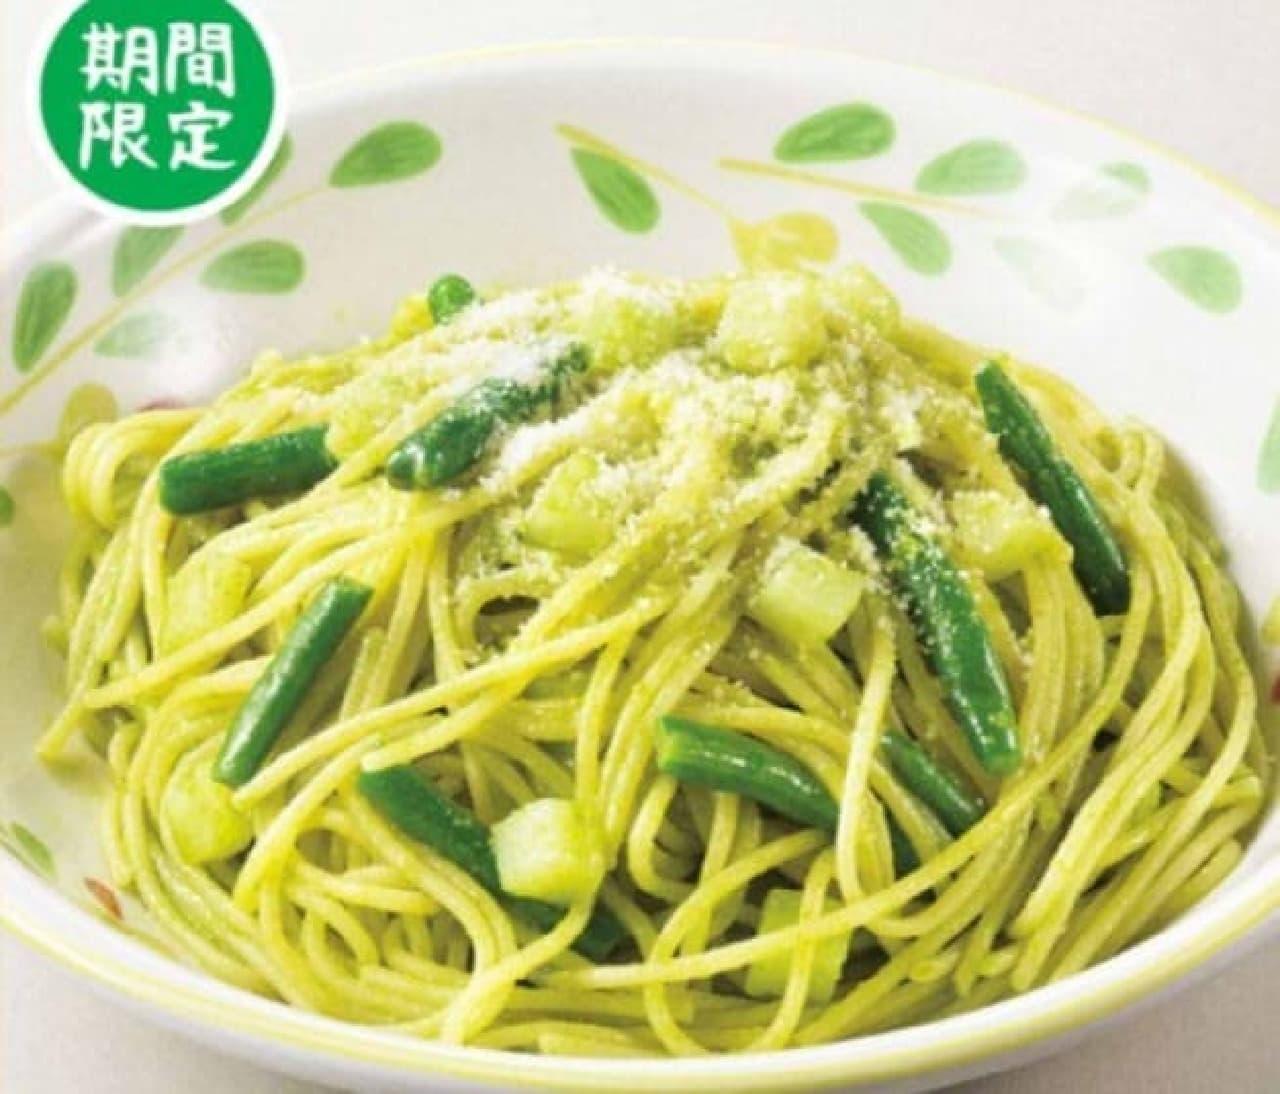 サイゼリヤ「いんげんとジャガイモのグリーンソーススパゲッティ」